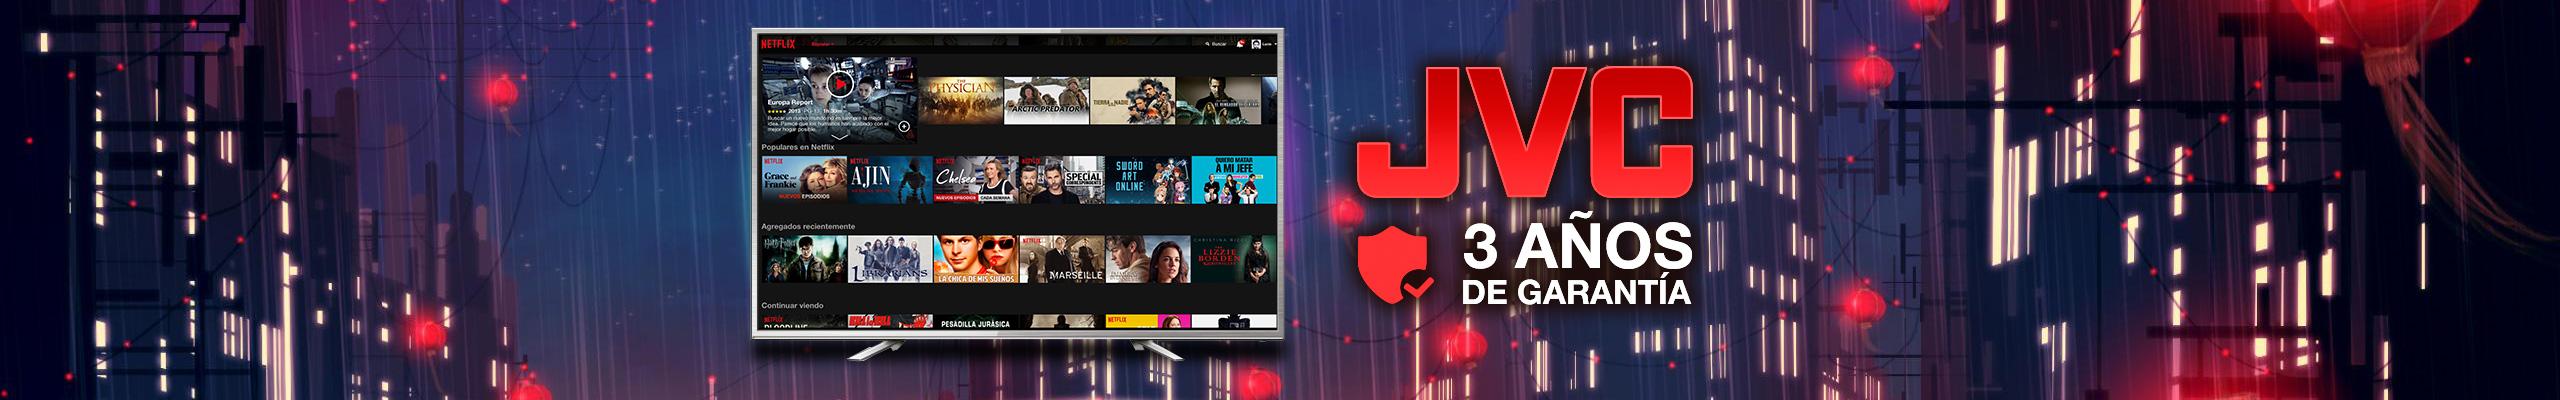 Televisores JVC al mejor precio solo en LOI Chile